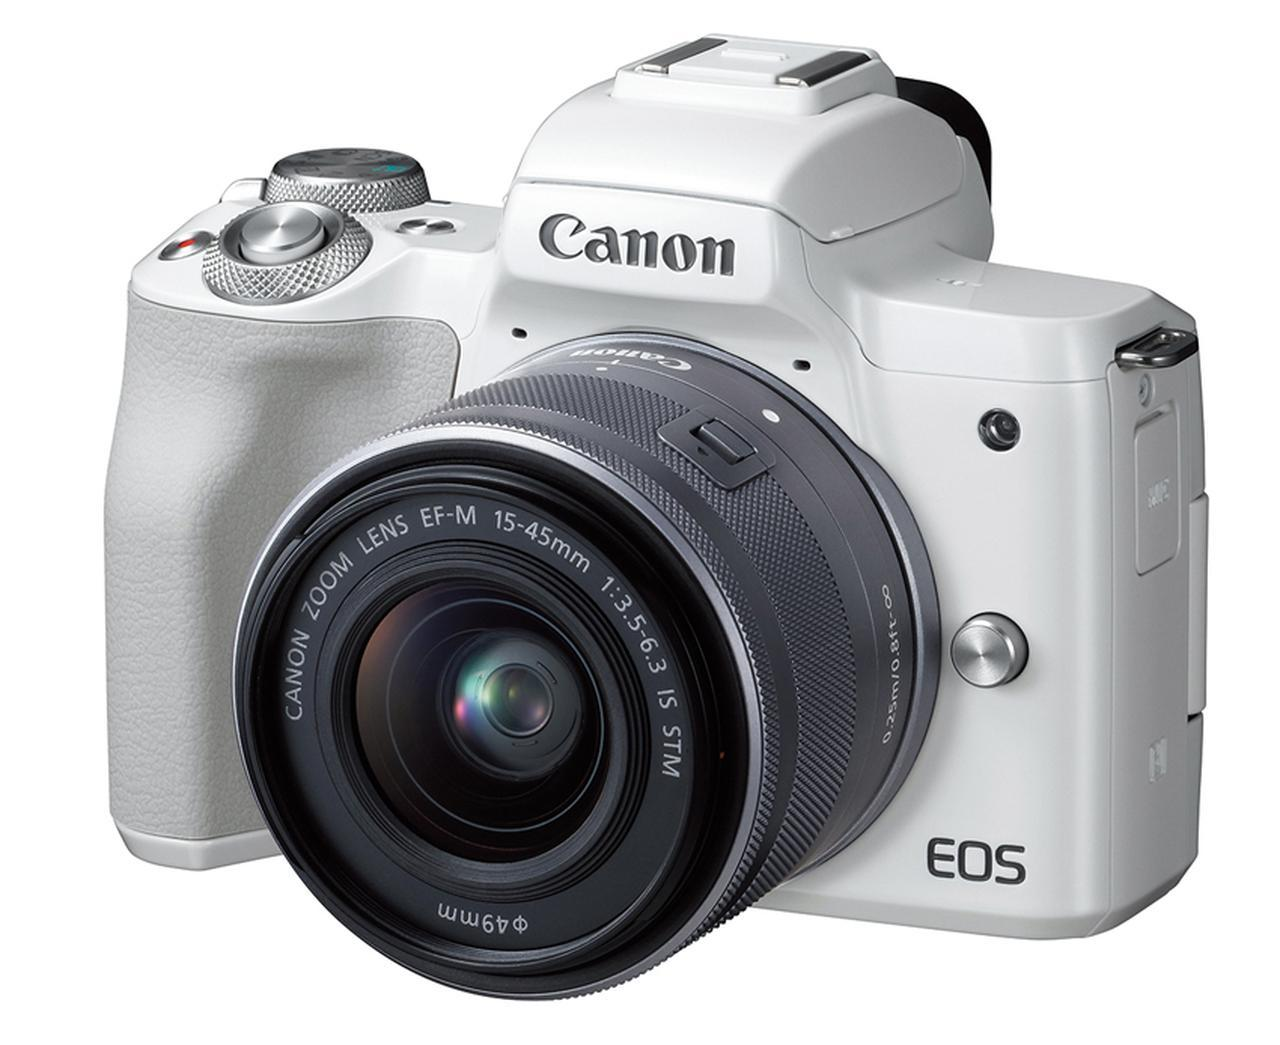 画像: ボディ単体のほか、EF-M15〜45ミリIS STM付きのレンズキットなどを用意。本体カラーは、ブラックとホワイトの2色。本体サイズ/重さは、幅116.3ミリ×高さ88.1ミリ×奥行き58.7ミリ、電池・SDカード込みで387グラム(ブラック)、390グラム(ホワイト)。